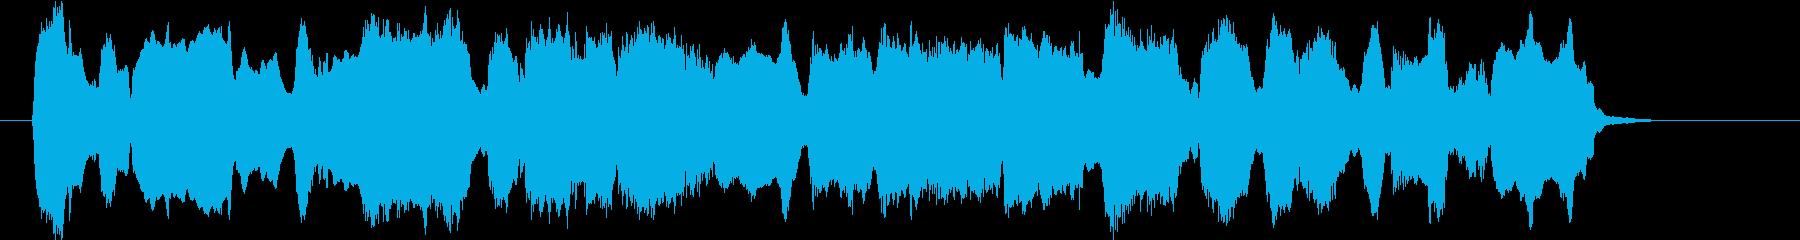 のどかな三拍子のオーボエの曲の再生済みの波形